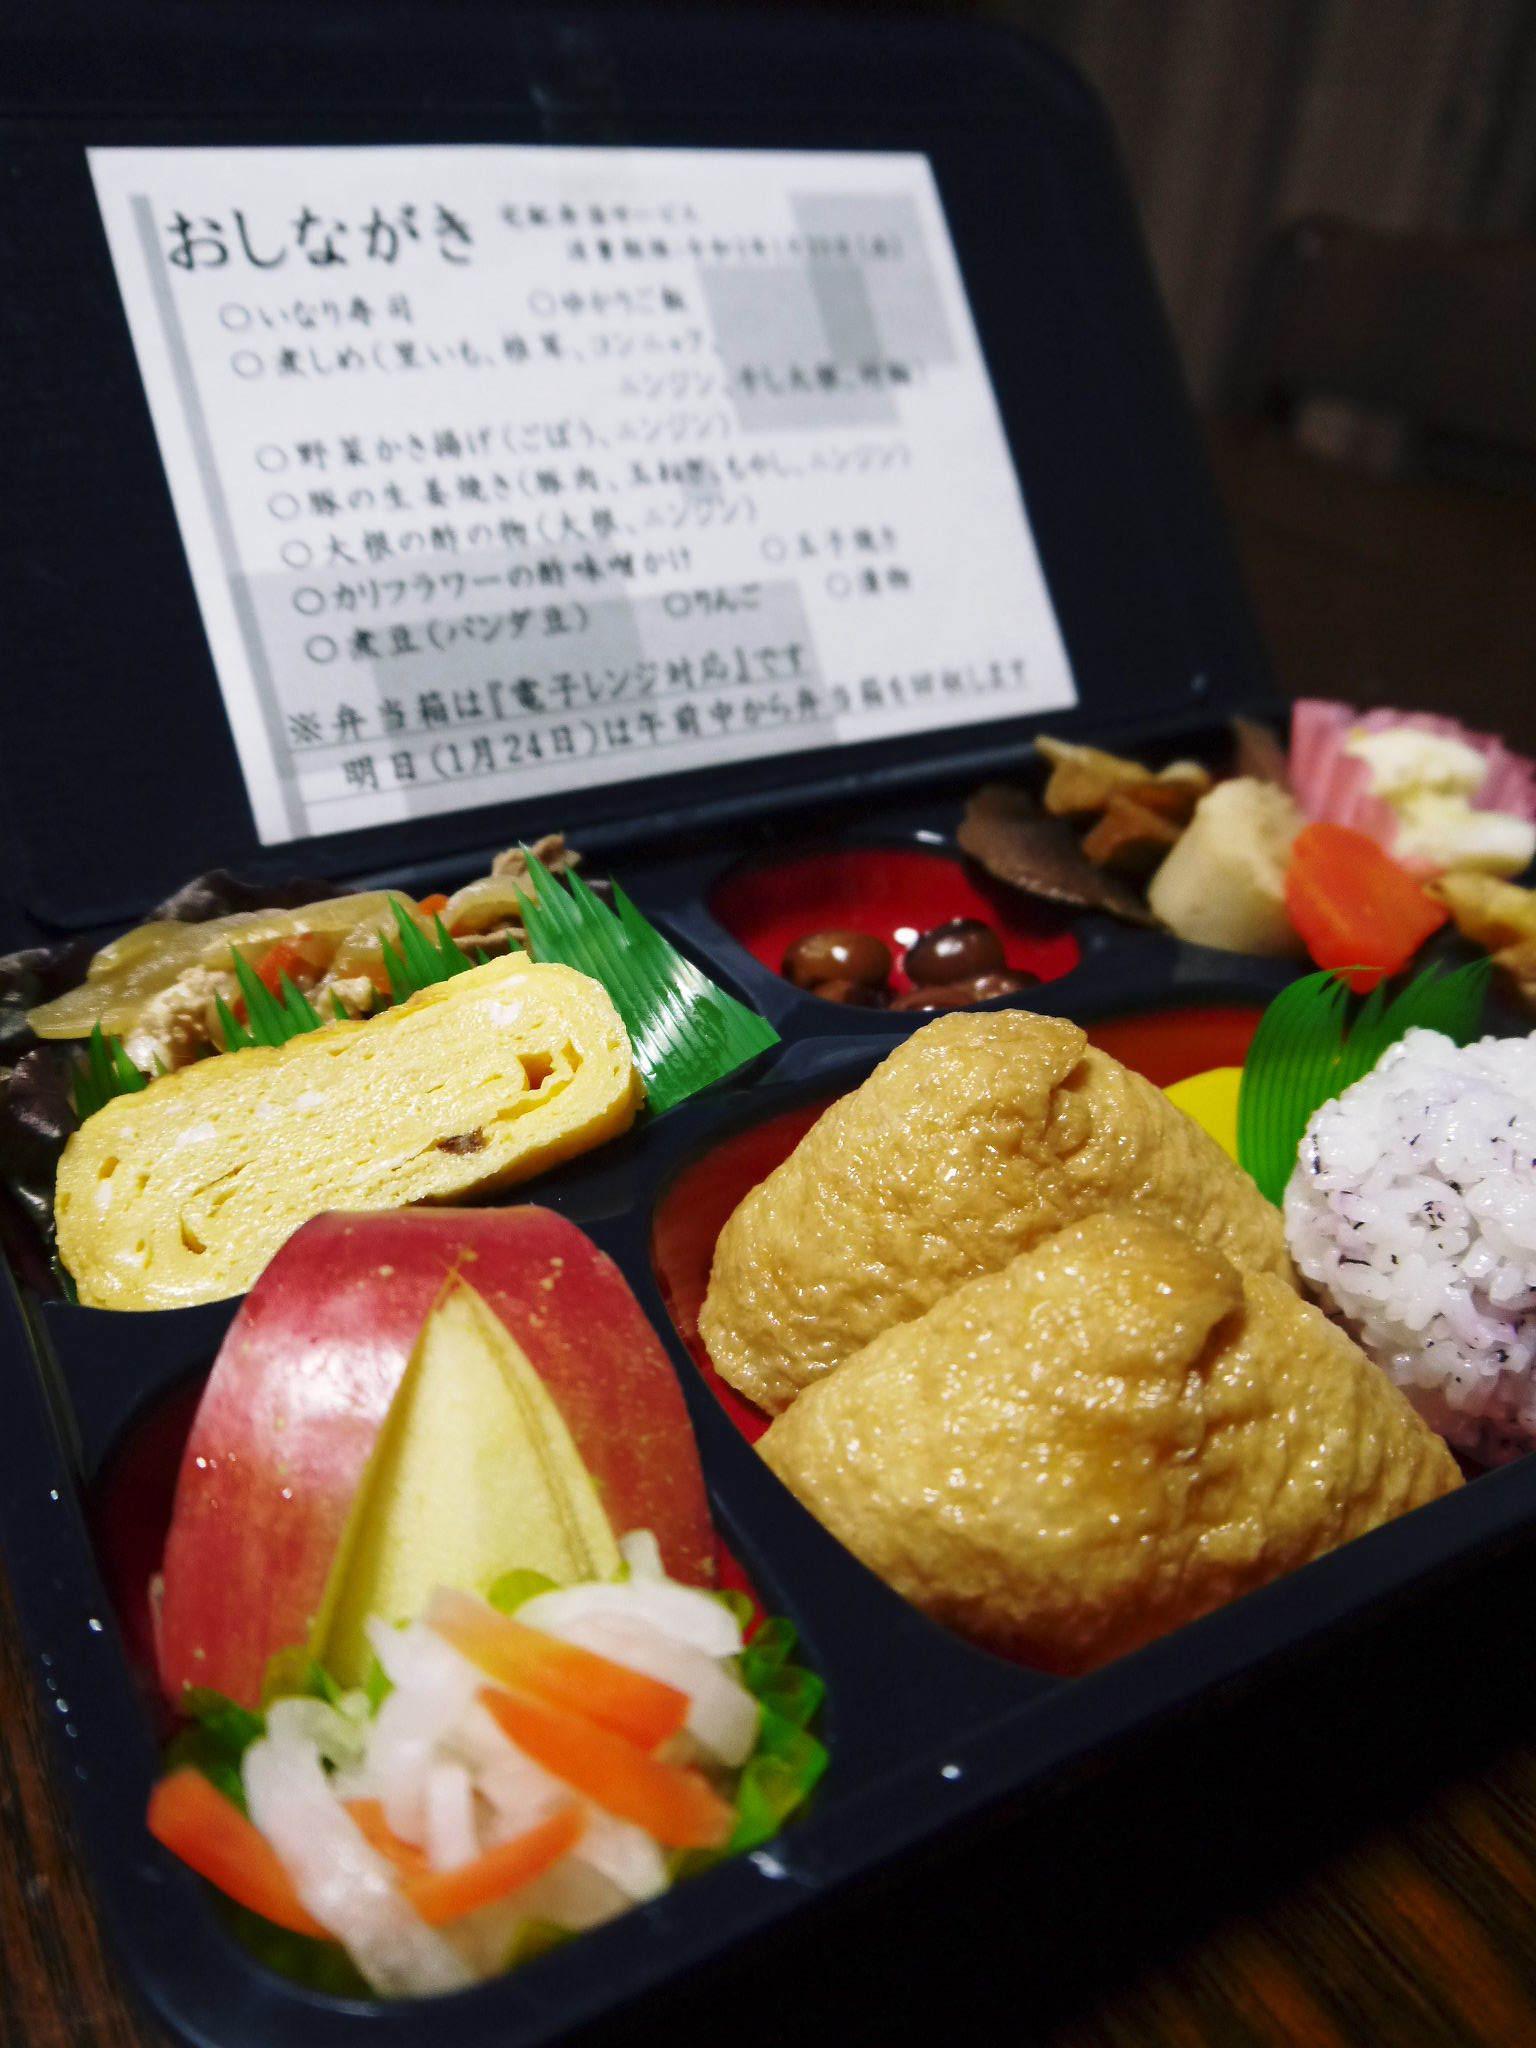 『陽だまり弁当』が届きました!熊本県菊池市のNPO法人「きらり水源村」の 心温まる取り組みを紹介! _a0254656_17254192.jpg